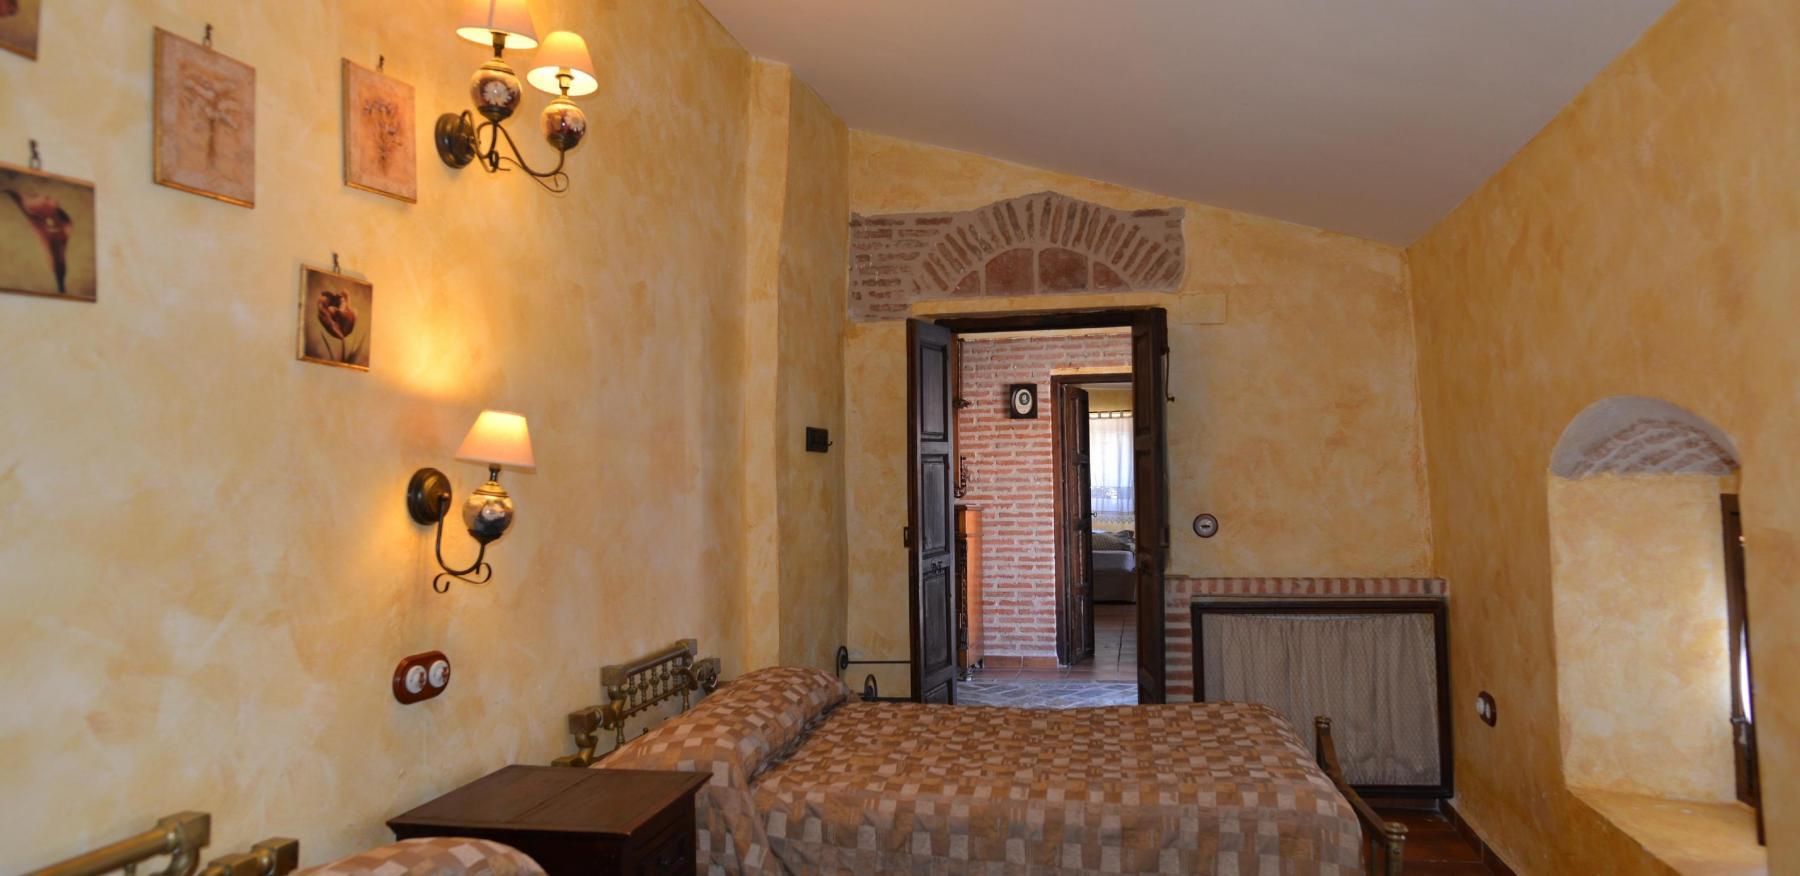 Dormitorio 02 Pedro de Valdivia en Casa del conde